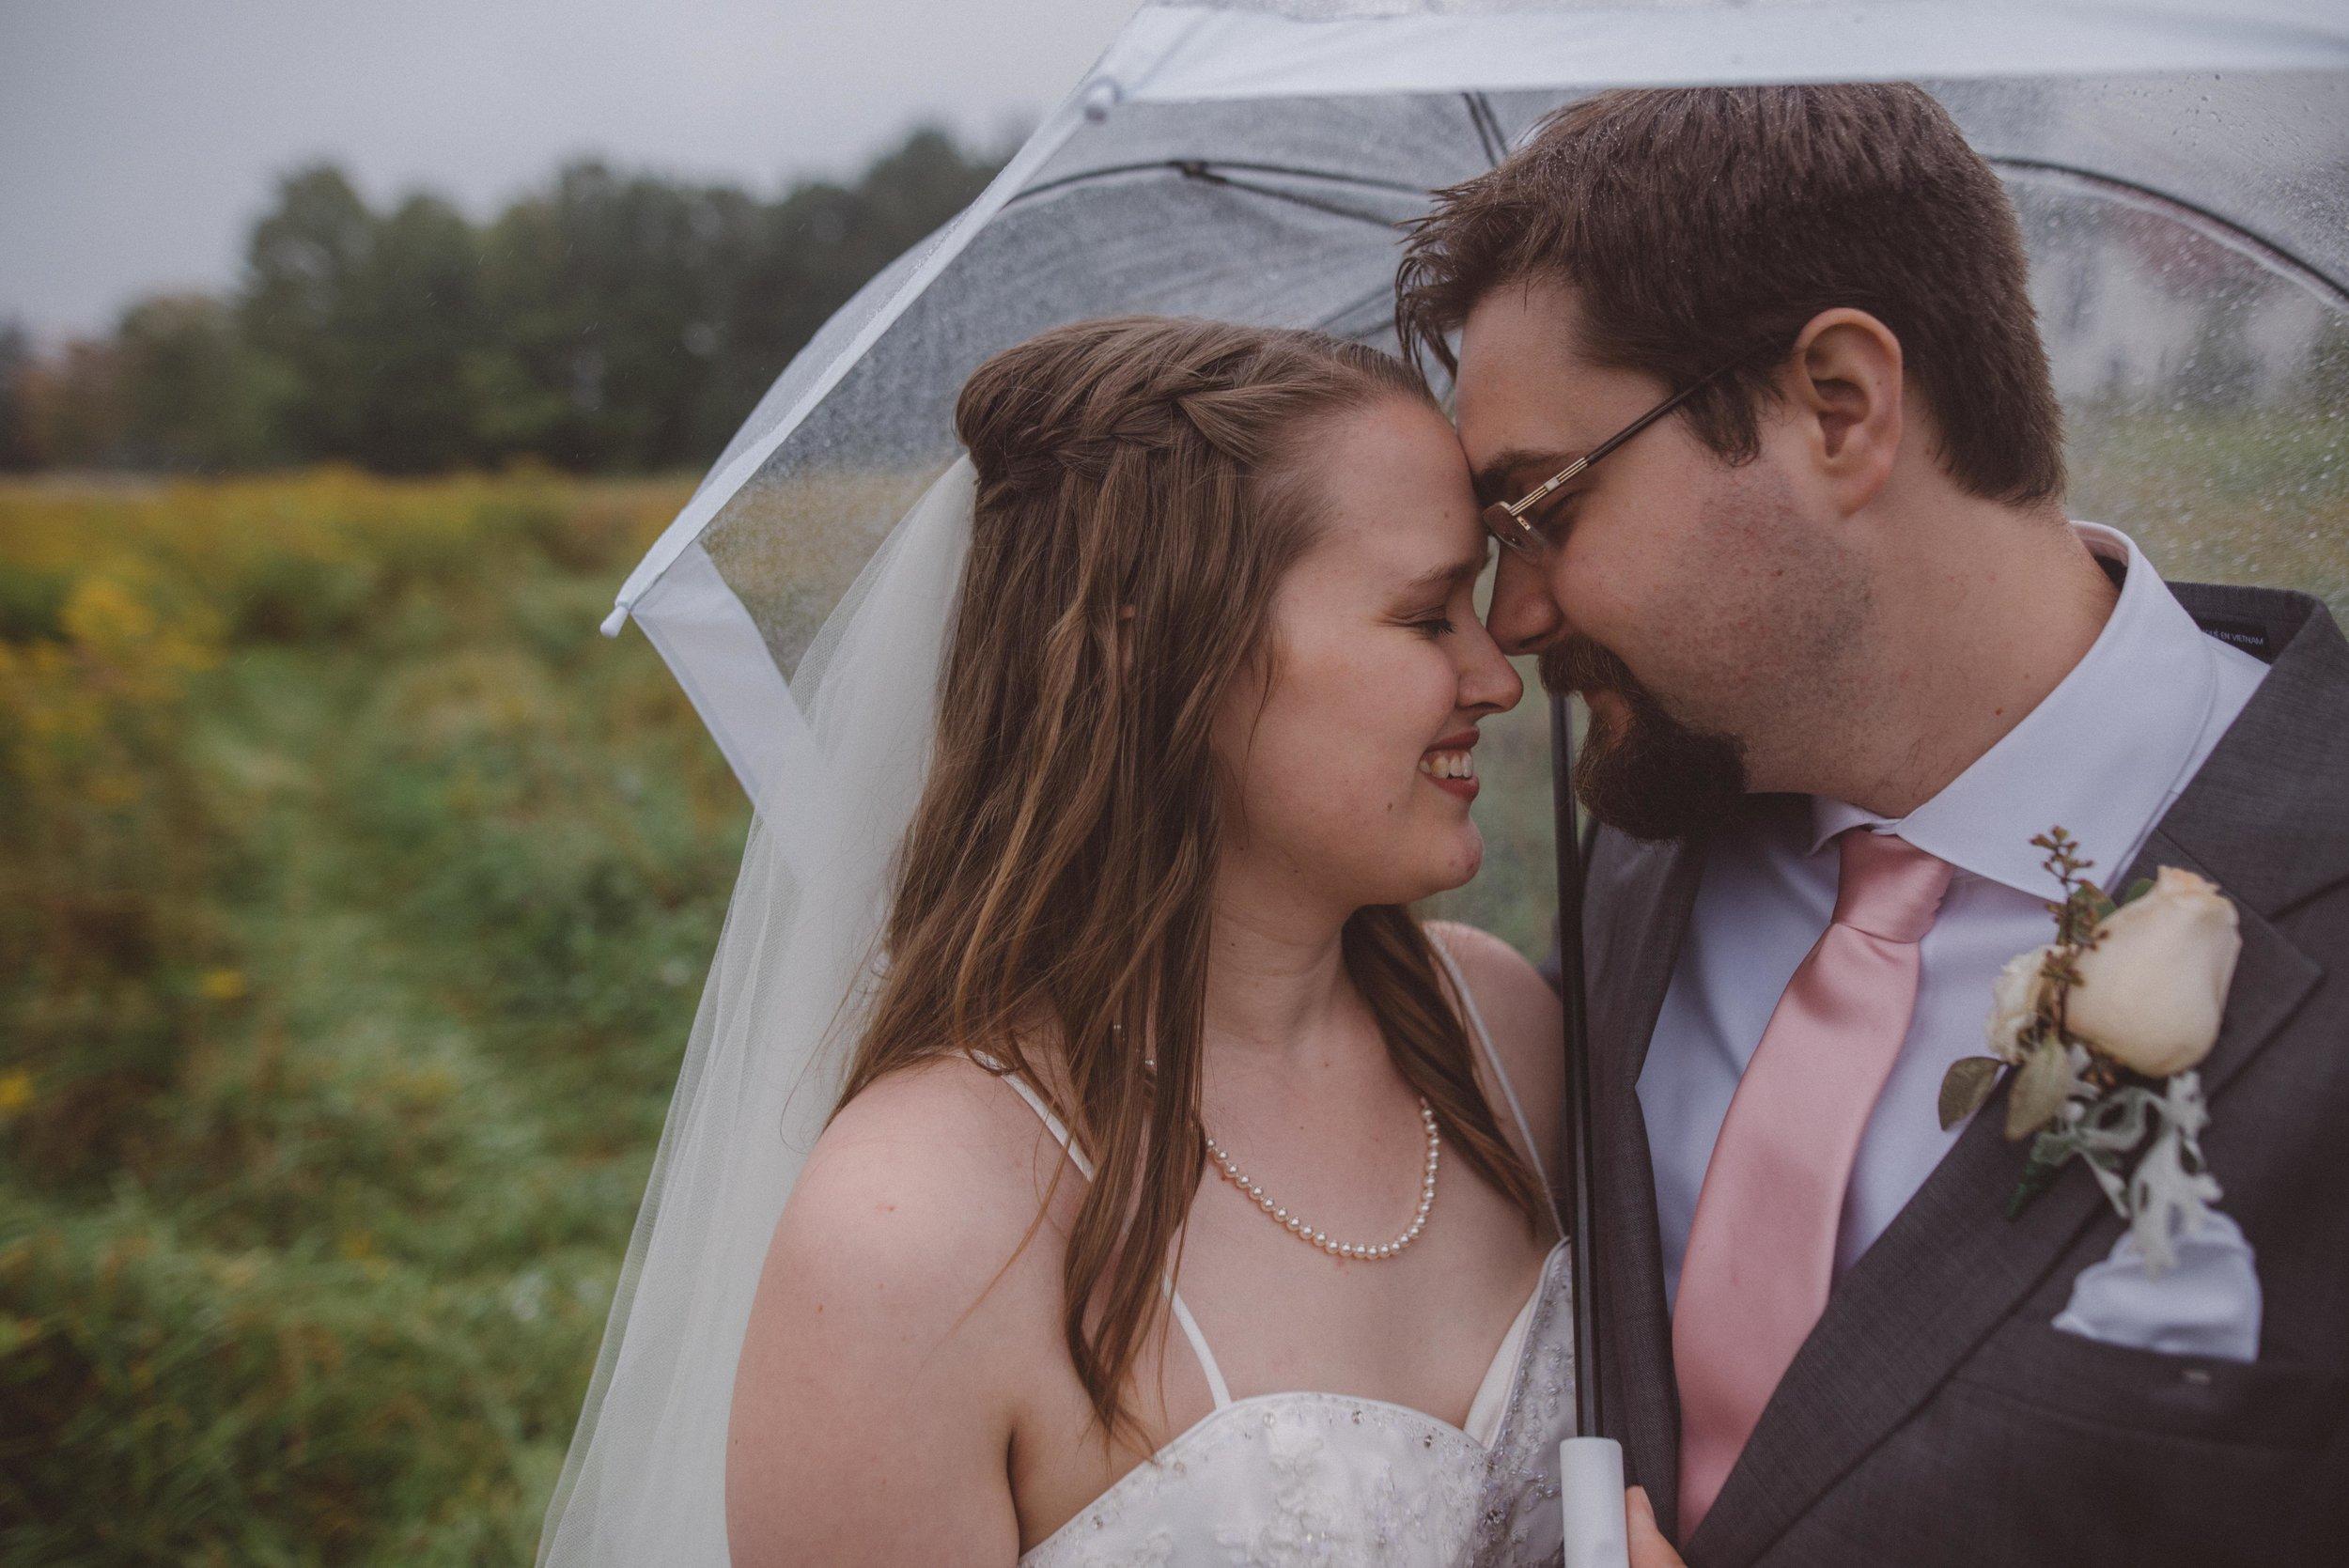 wedding_photographer_lifestyle_documentary_photographe_ottawa_gatineau-2.jpg